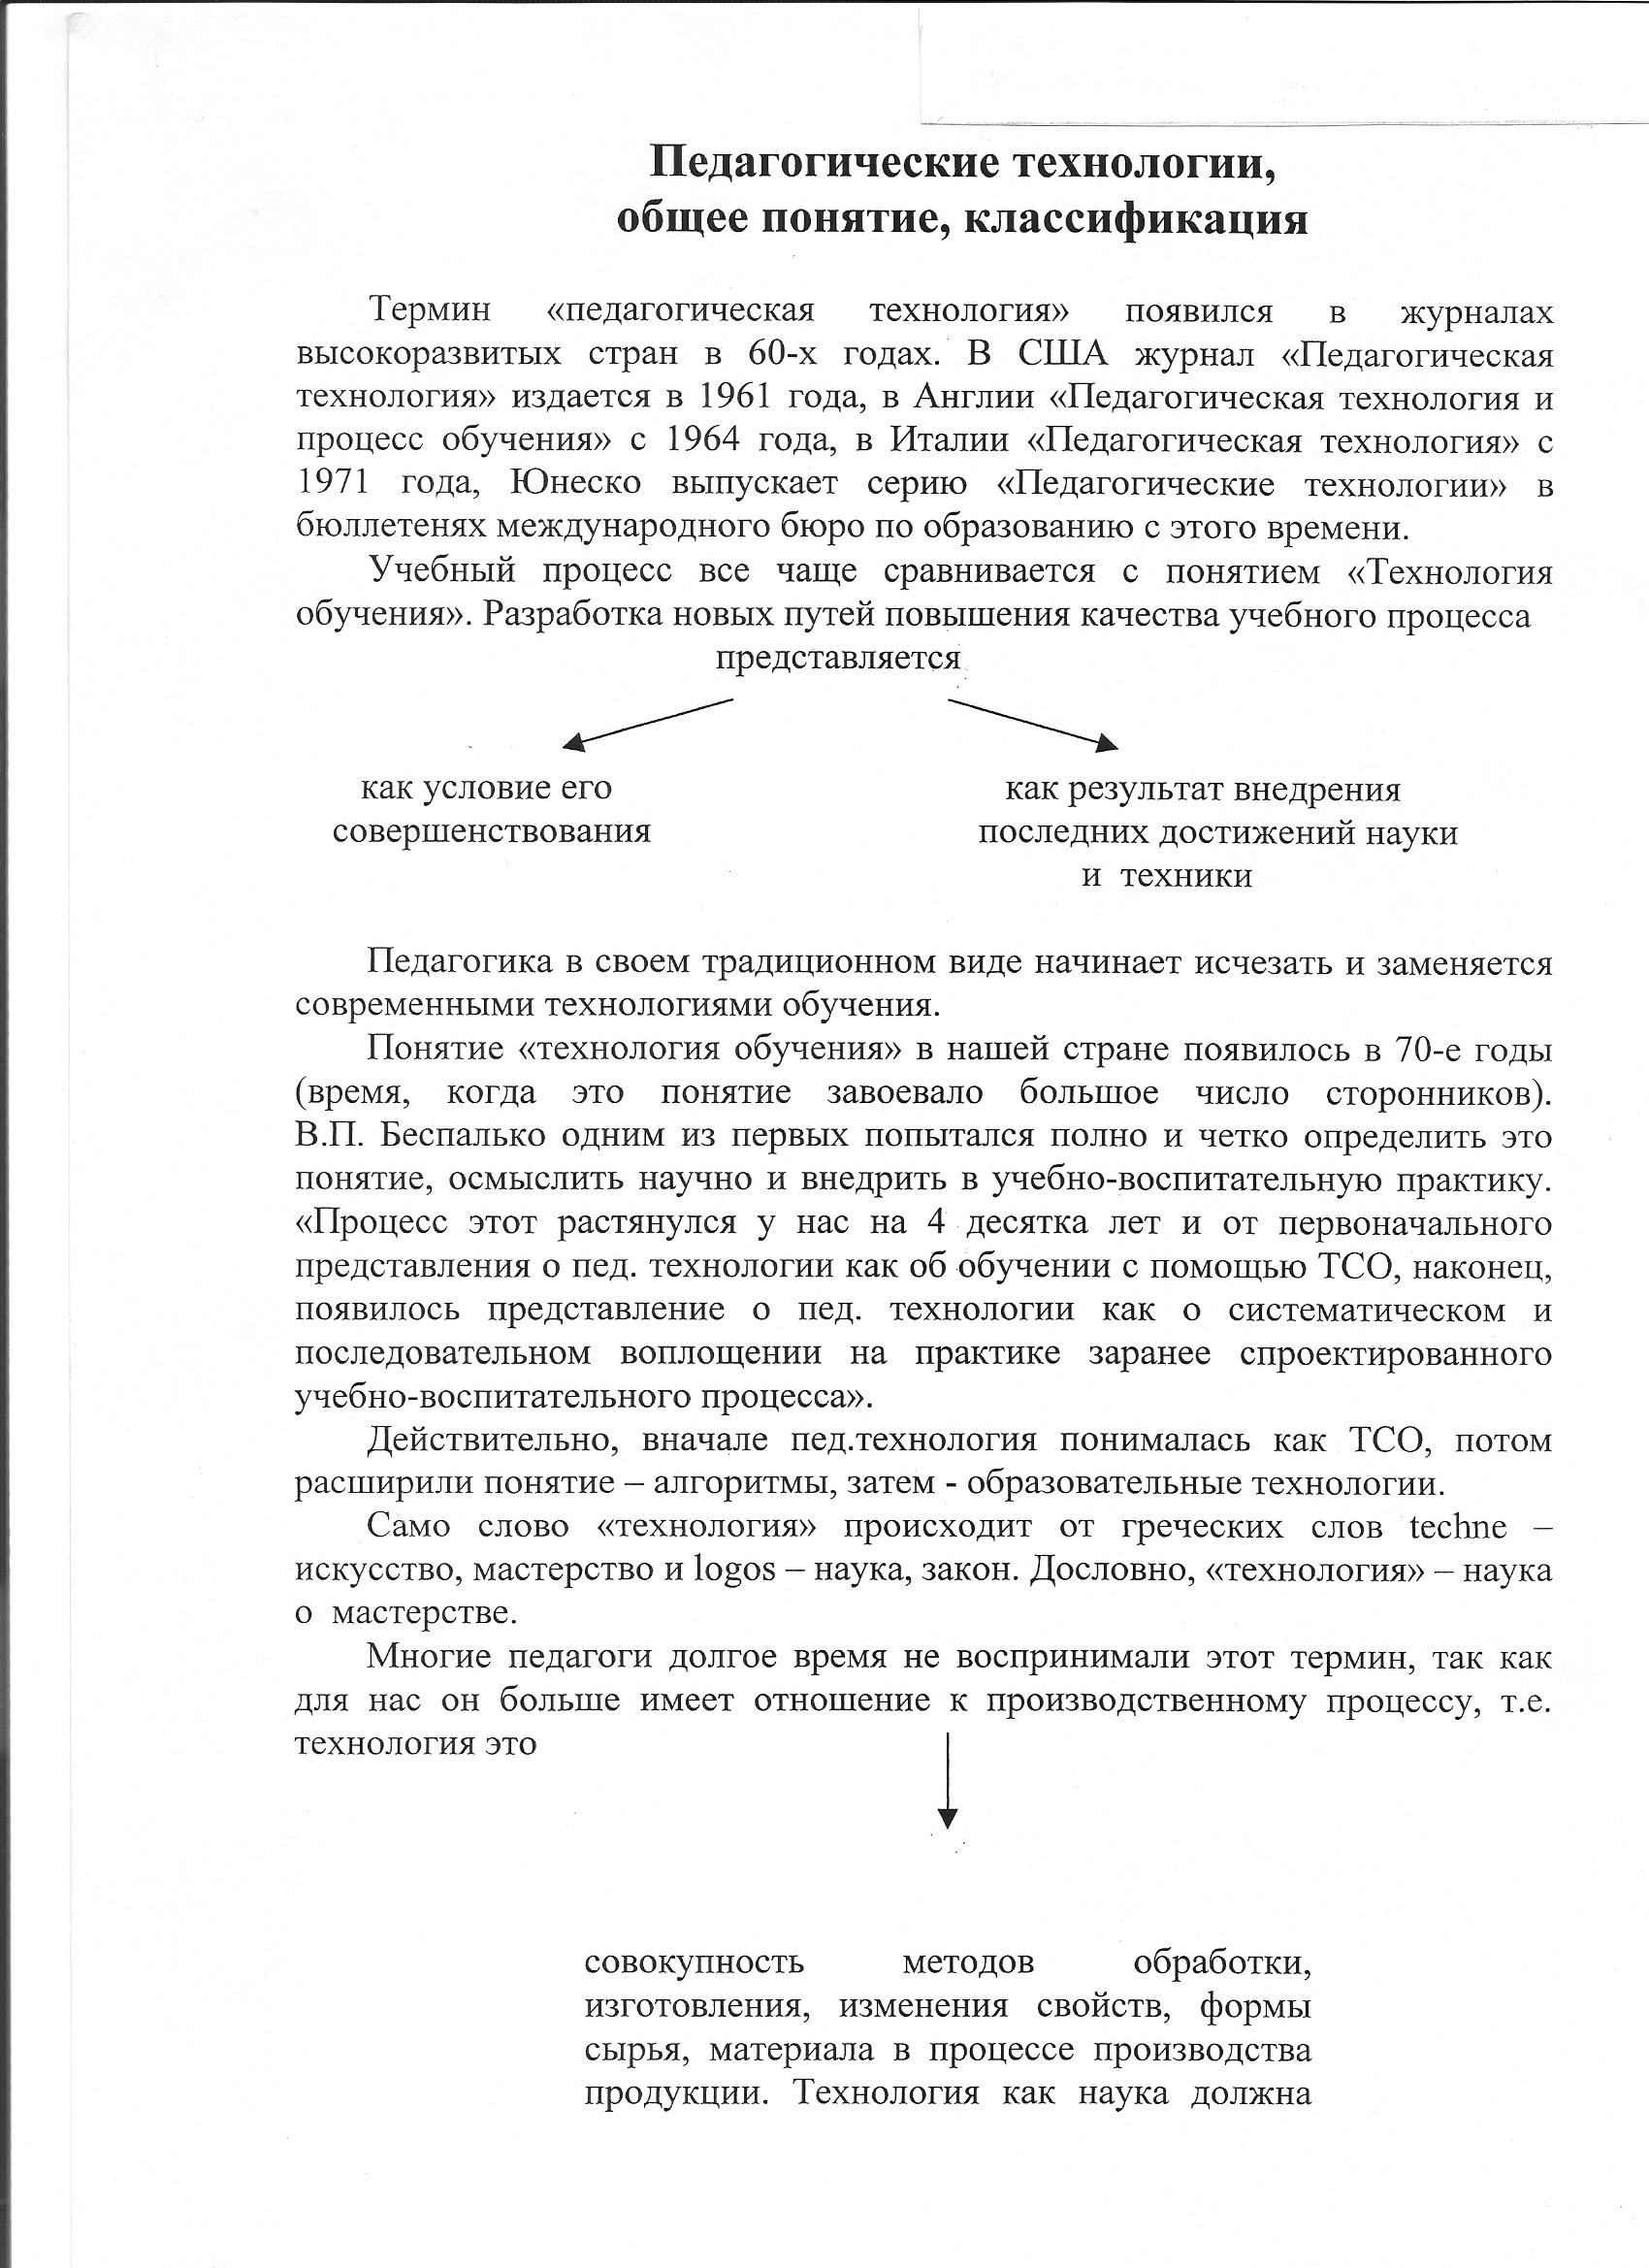 C:\Documents and Settings\Николай\Мои документы\Мои рисунки\Пед. технологии 2.bmp